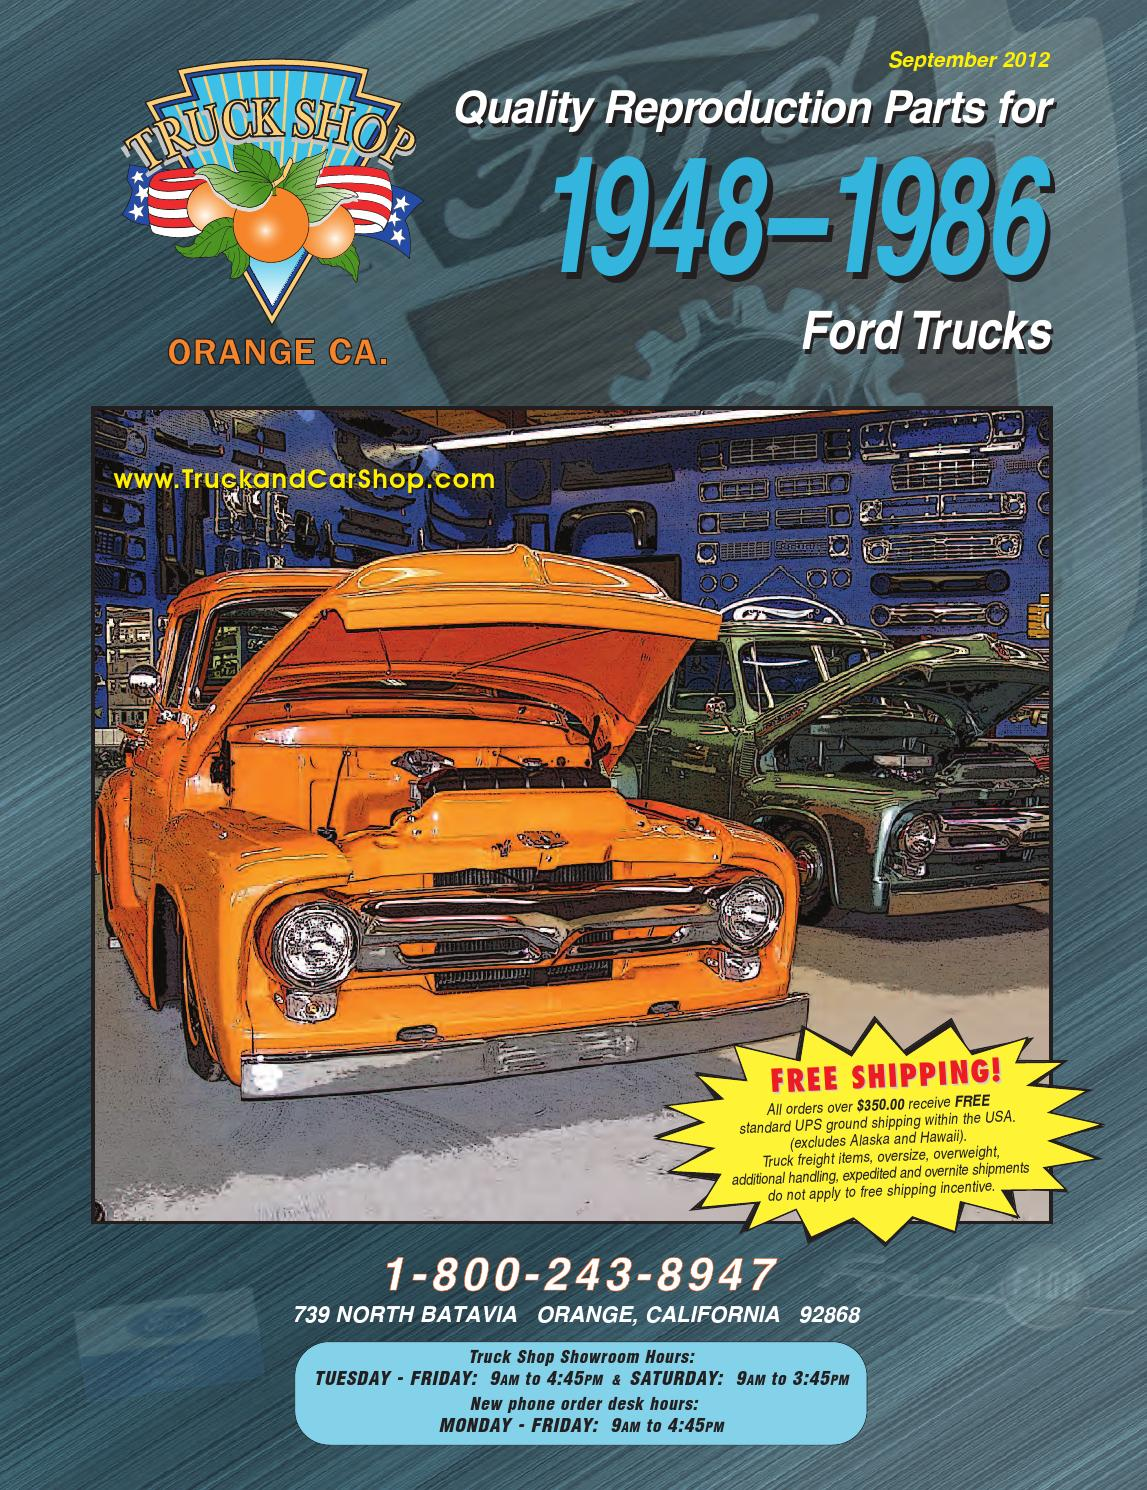 48 86 ford web by Truck & Car Shop - issuu